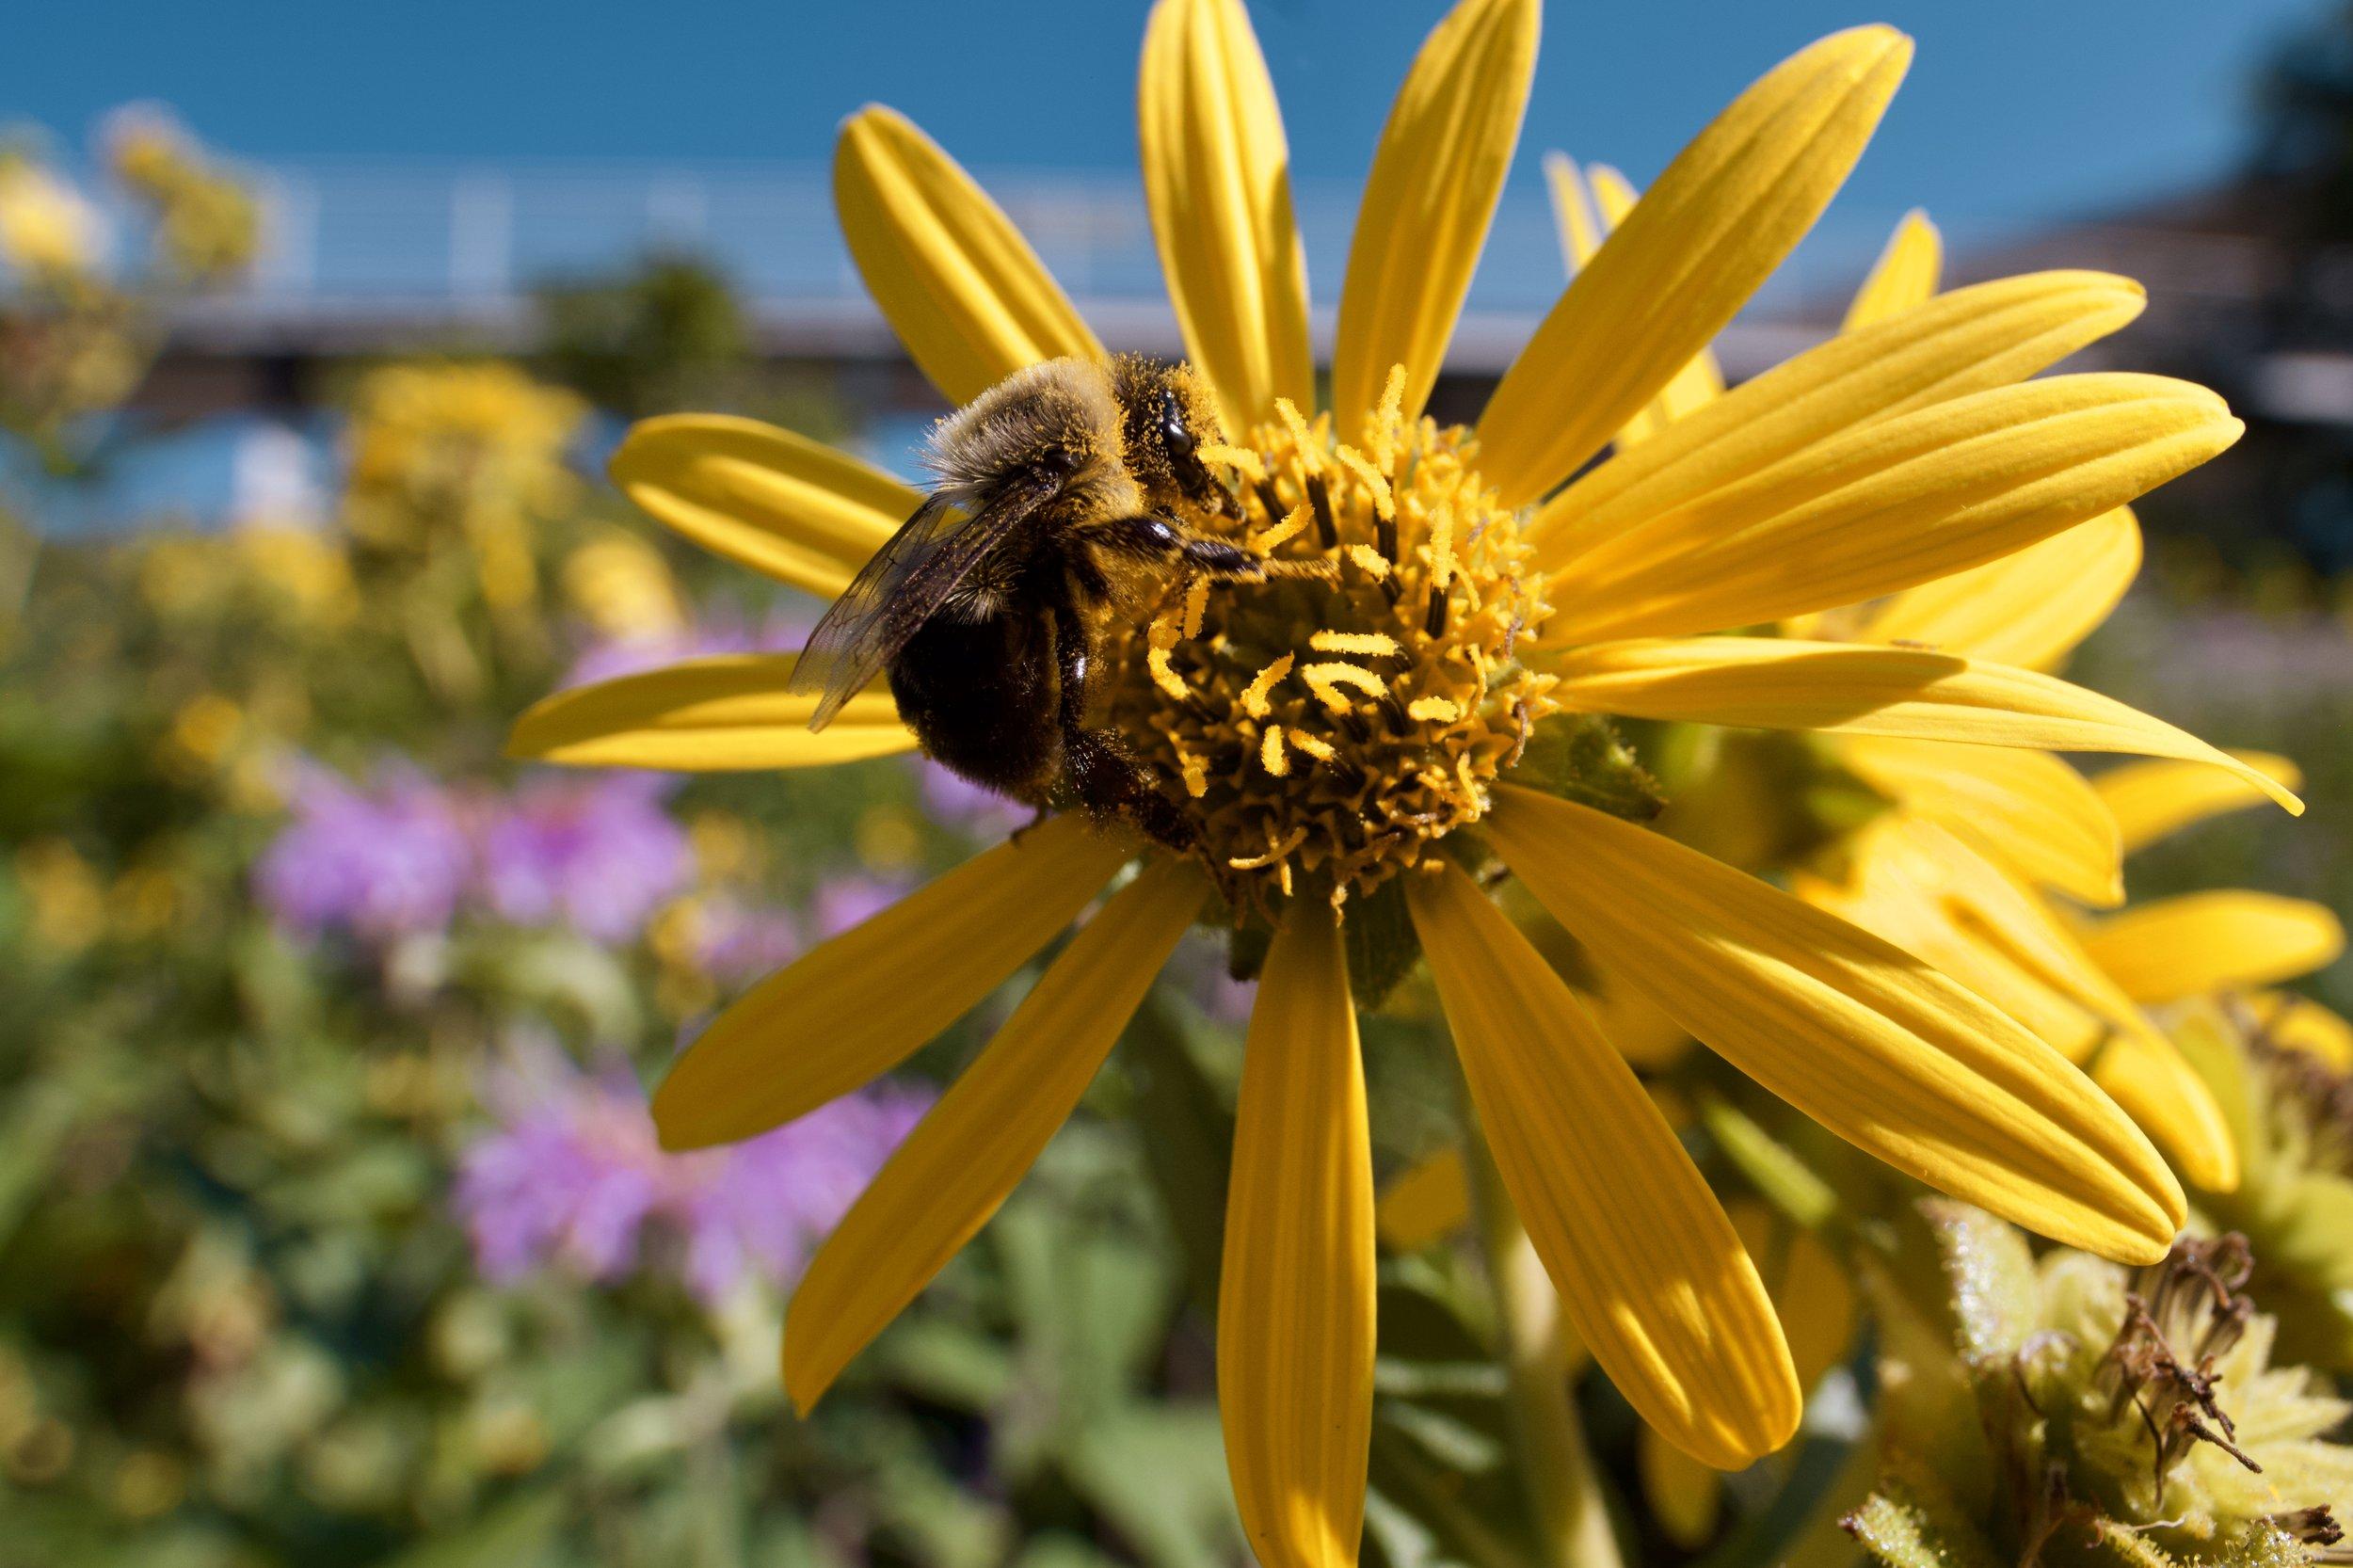 bumblebee20190808-1.jpeg